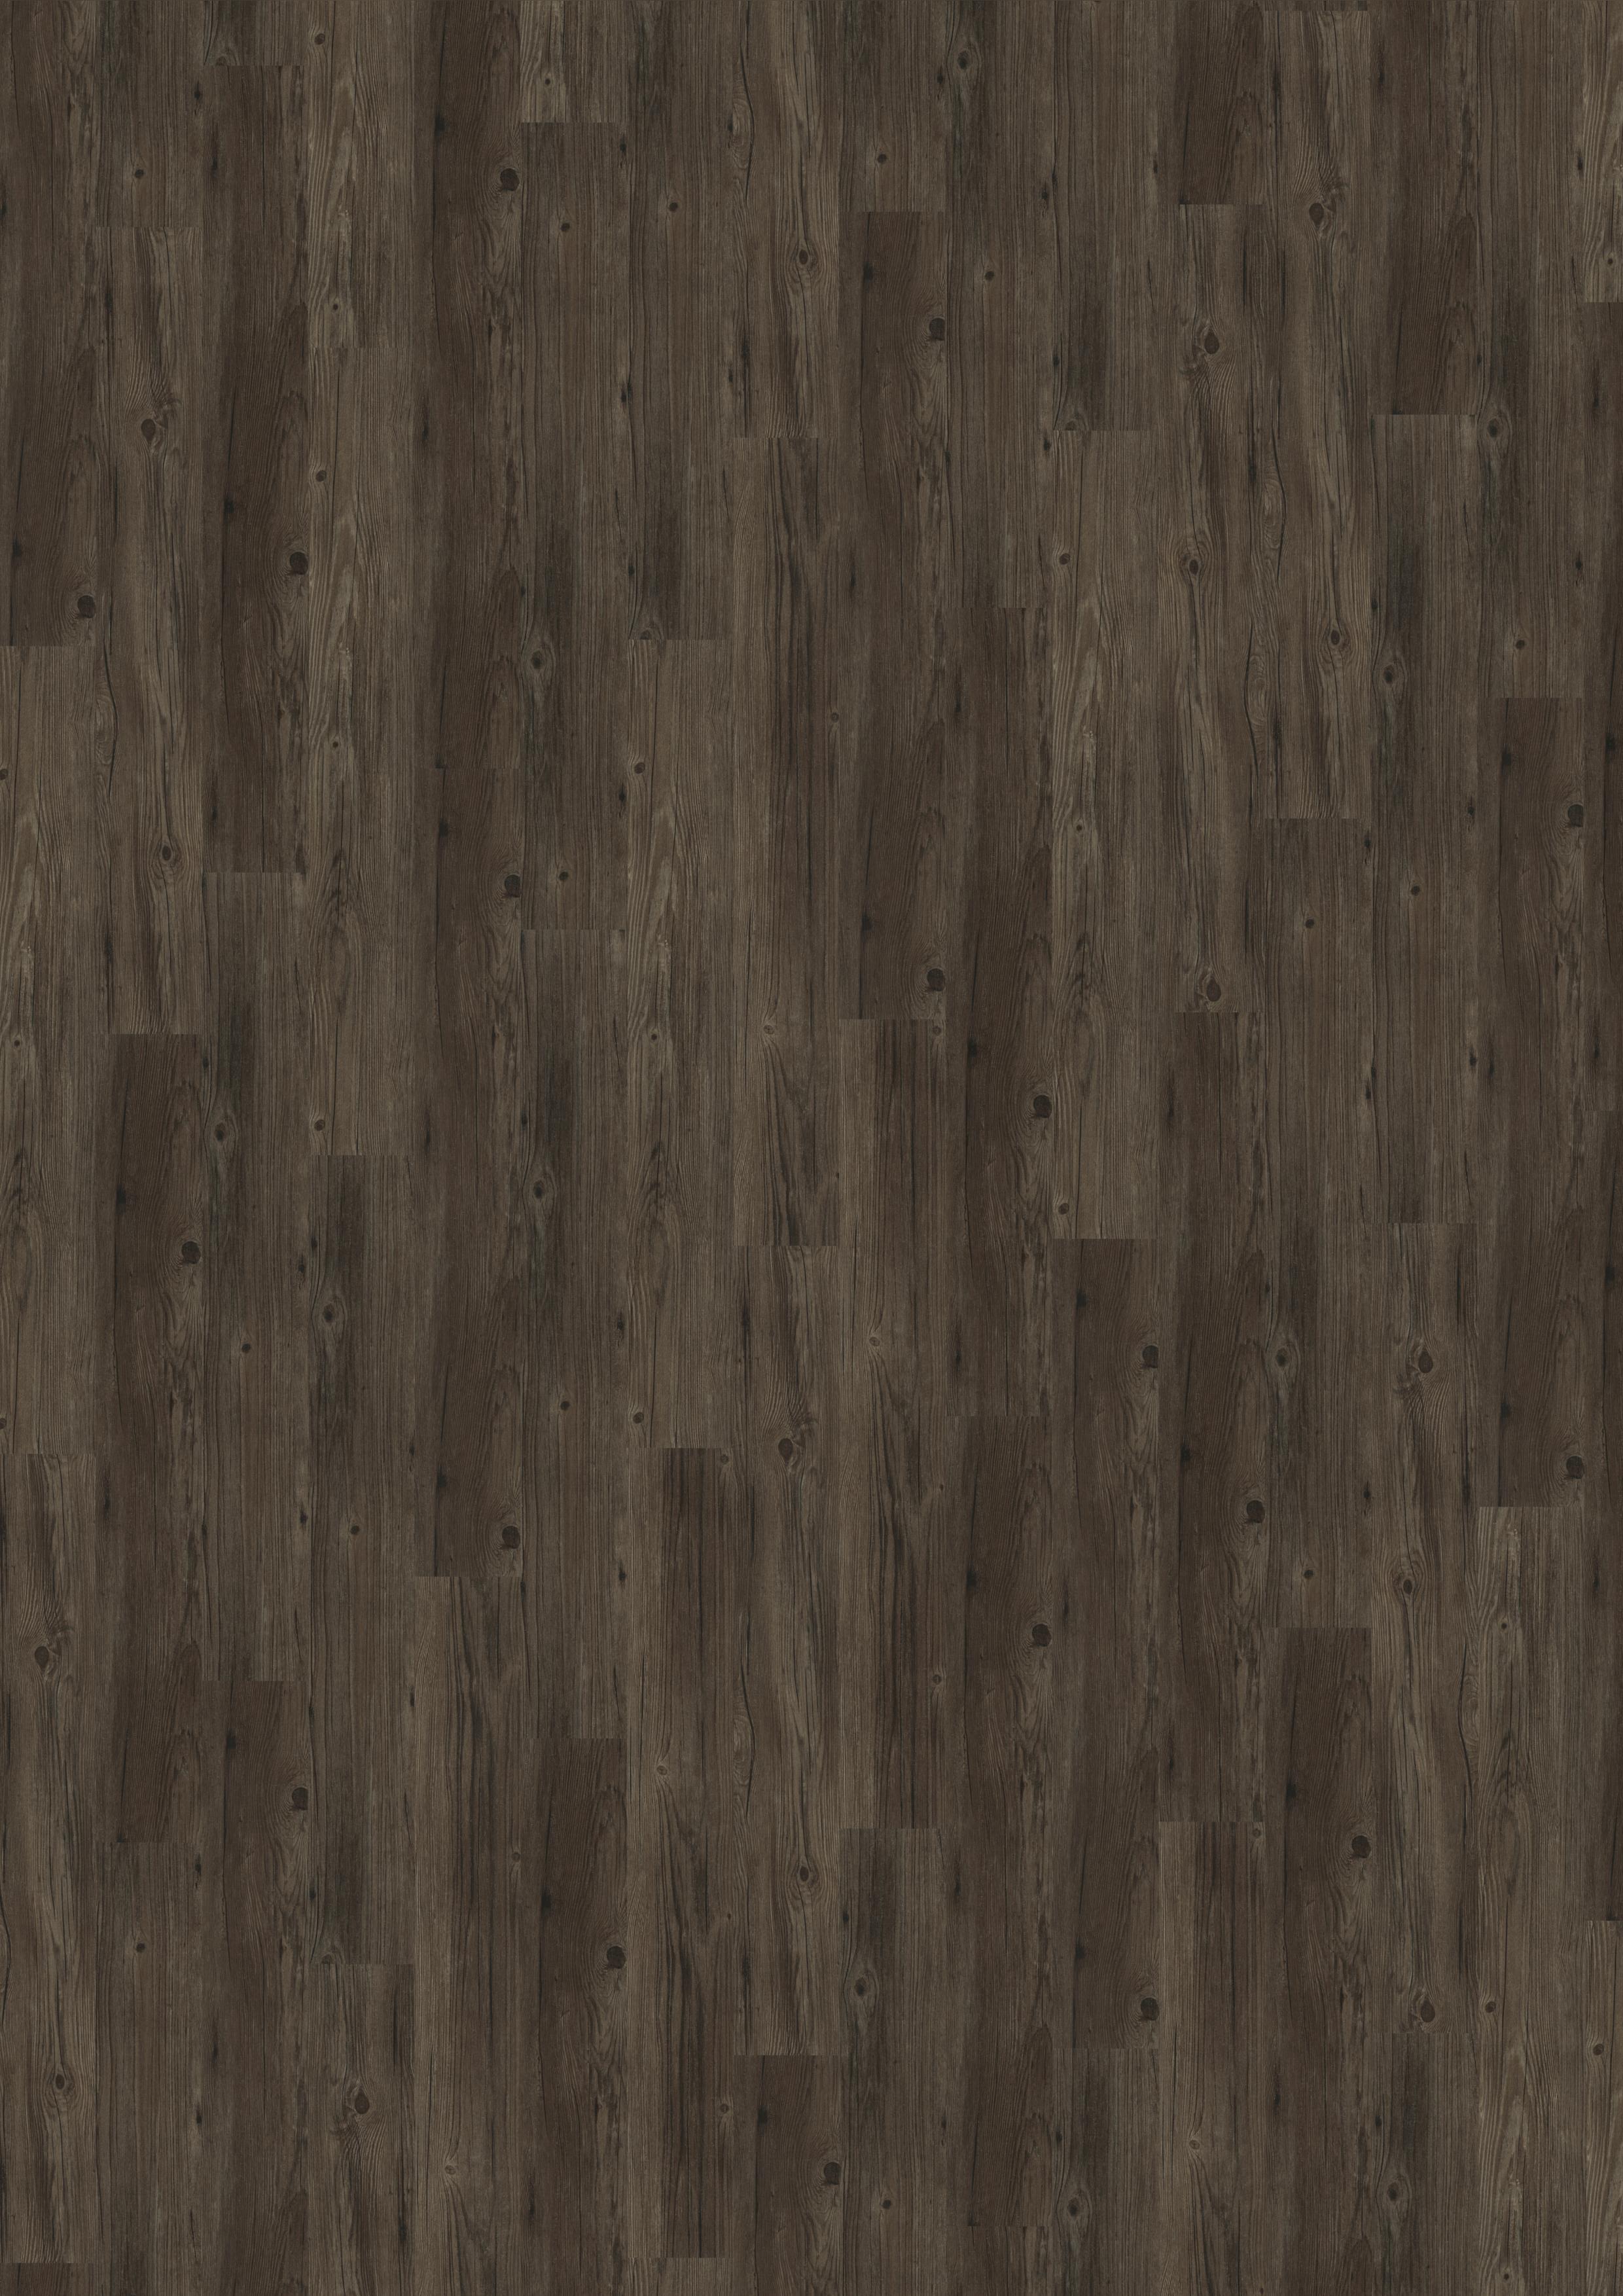 klick vinyl eiche schwarz landhausdiele woodi24. Black Bedroom Furniture Sets. Home Design Ideas